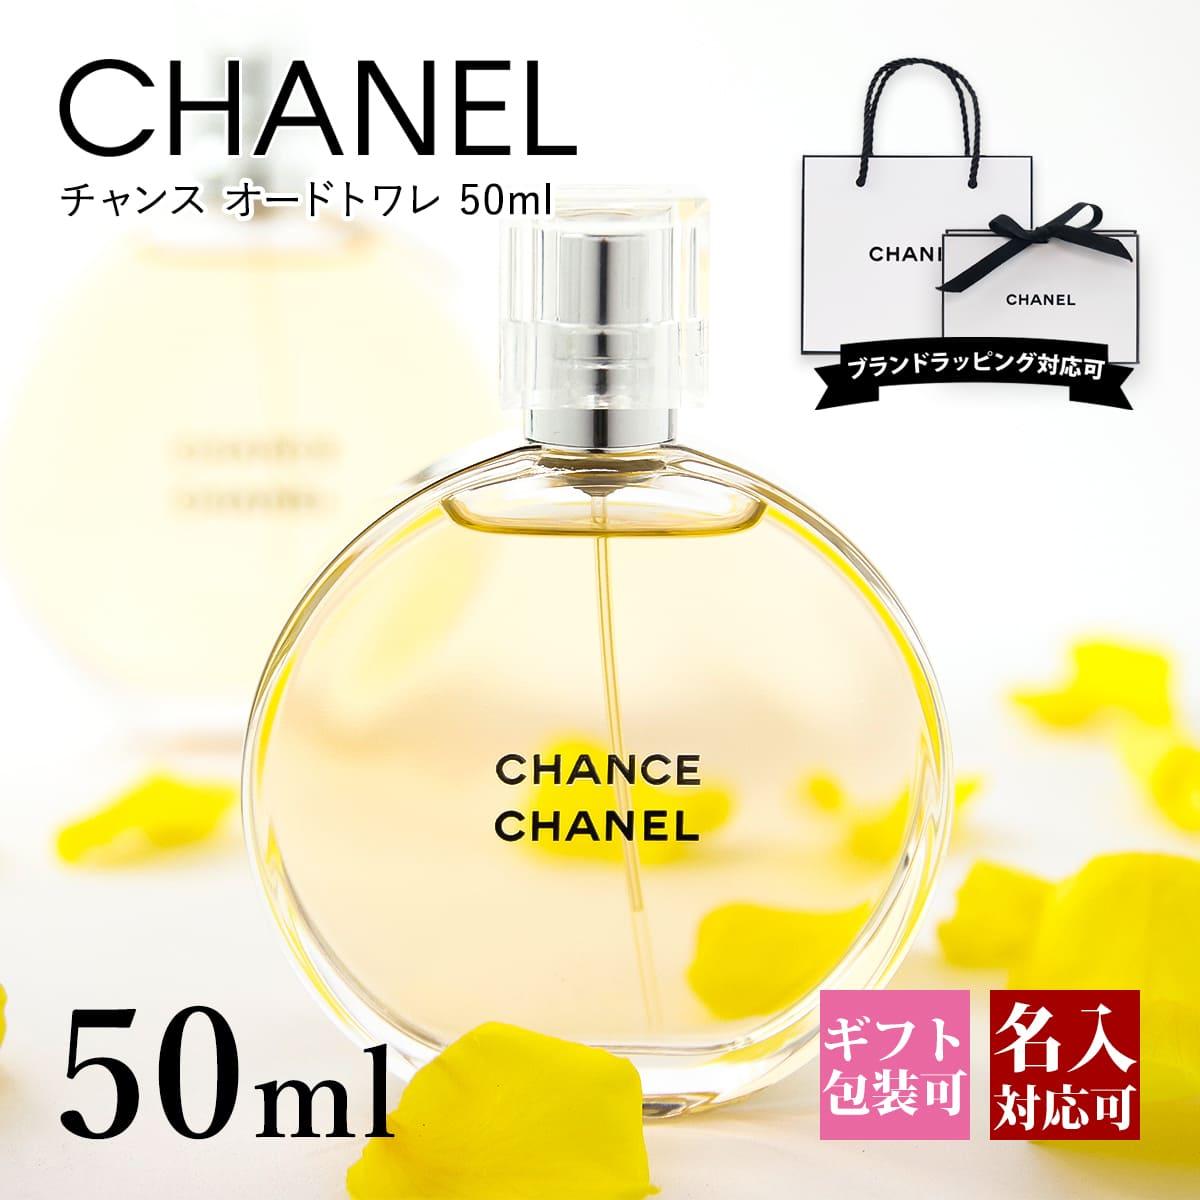 【即納】あす楽対応 名入れ シャネル chanel CHANCE 香水 チャンス レディース EDT 50ml 正規品 セール 新生活 入学祝い 正規品 通販 ブランド品 ピュアな中に色気とさわやかさが混じる香り 新品 新作 2018年